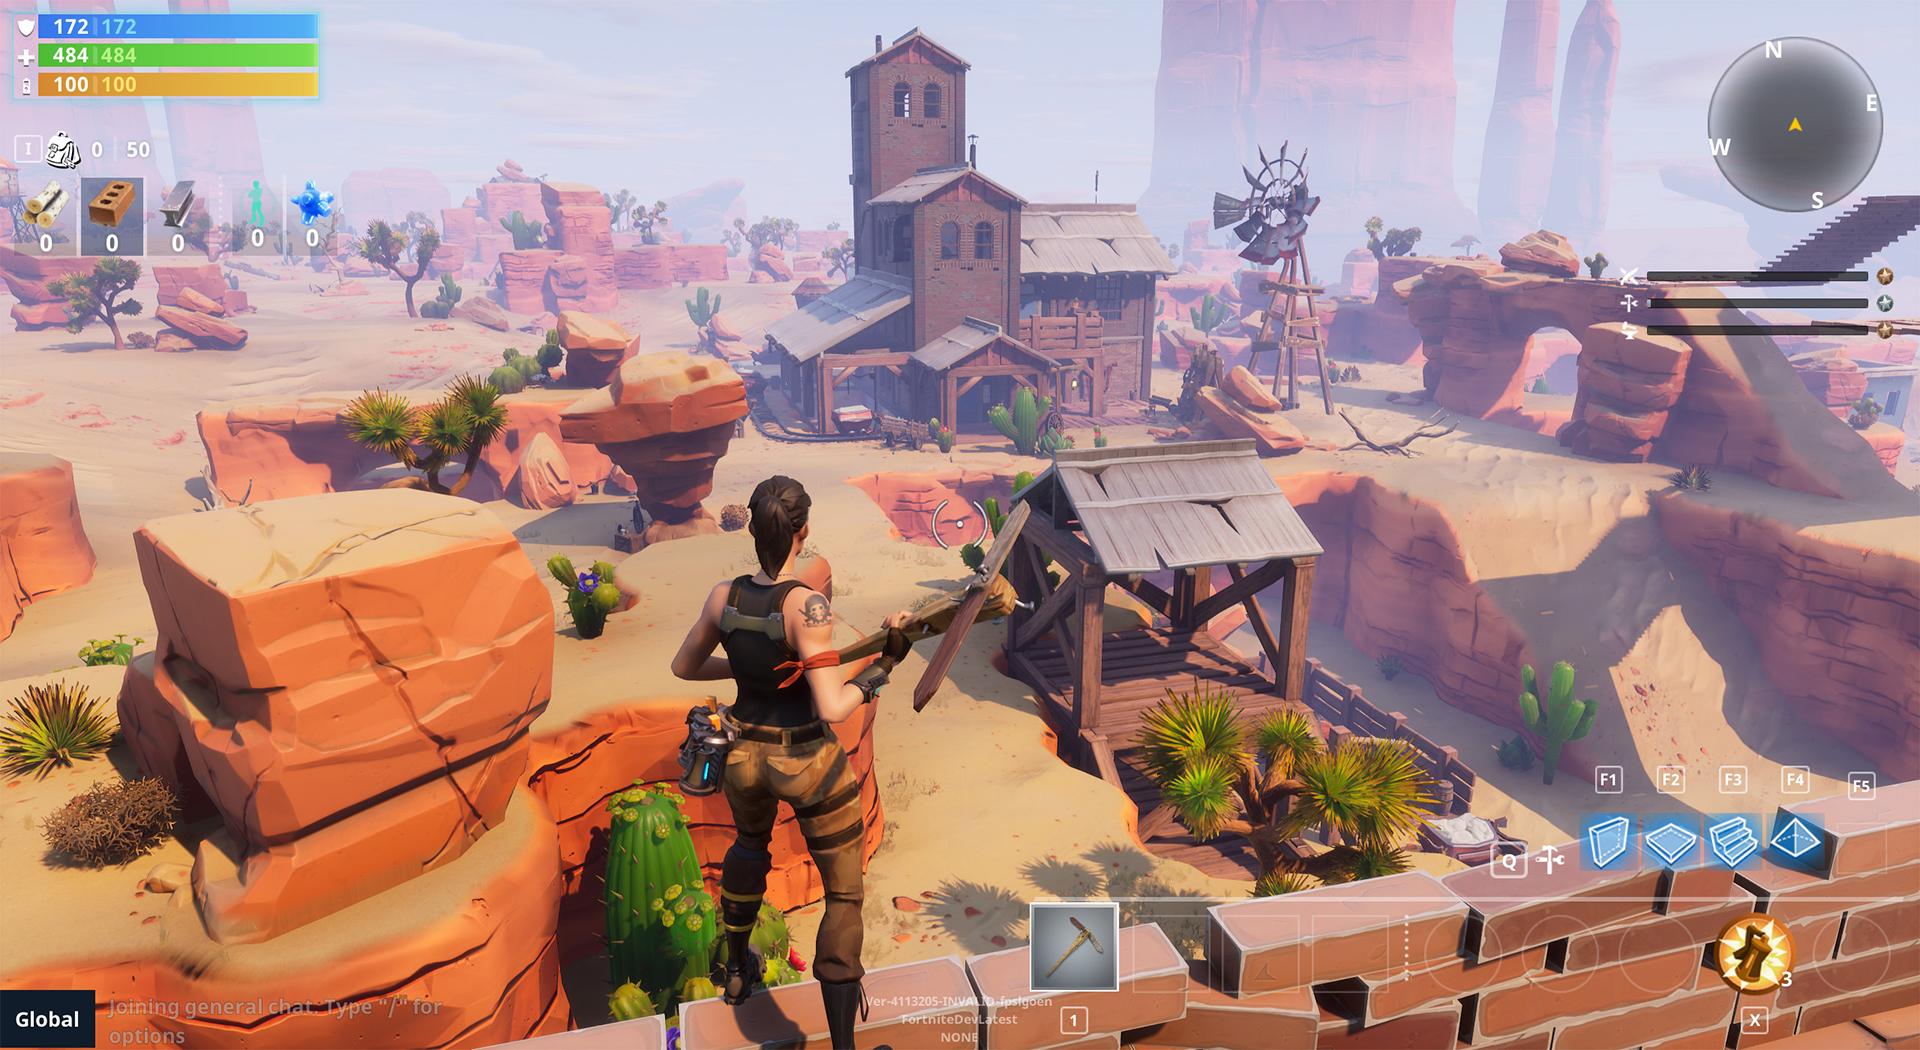 Es Wollen Viele Fortnite Auf Ps3 Und Xbox 360 Spielen Gibt S Da Eine Chance